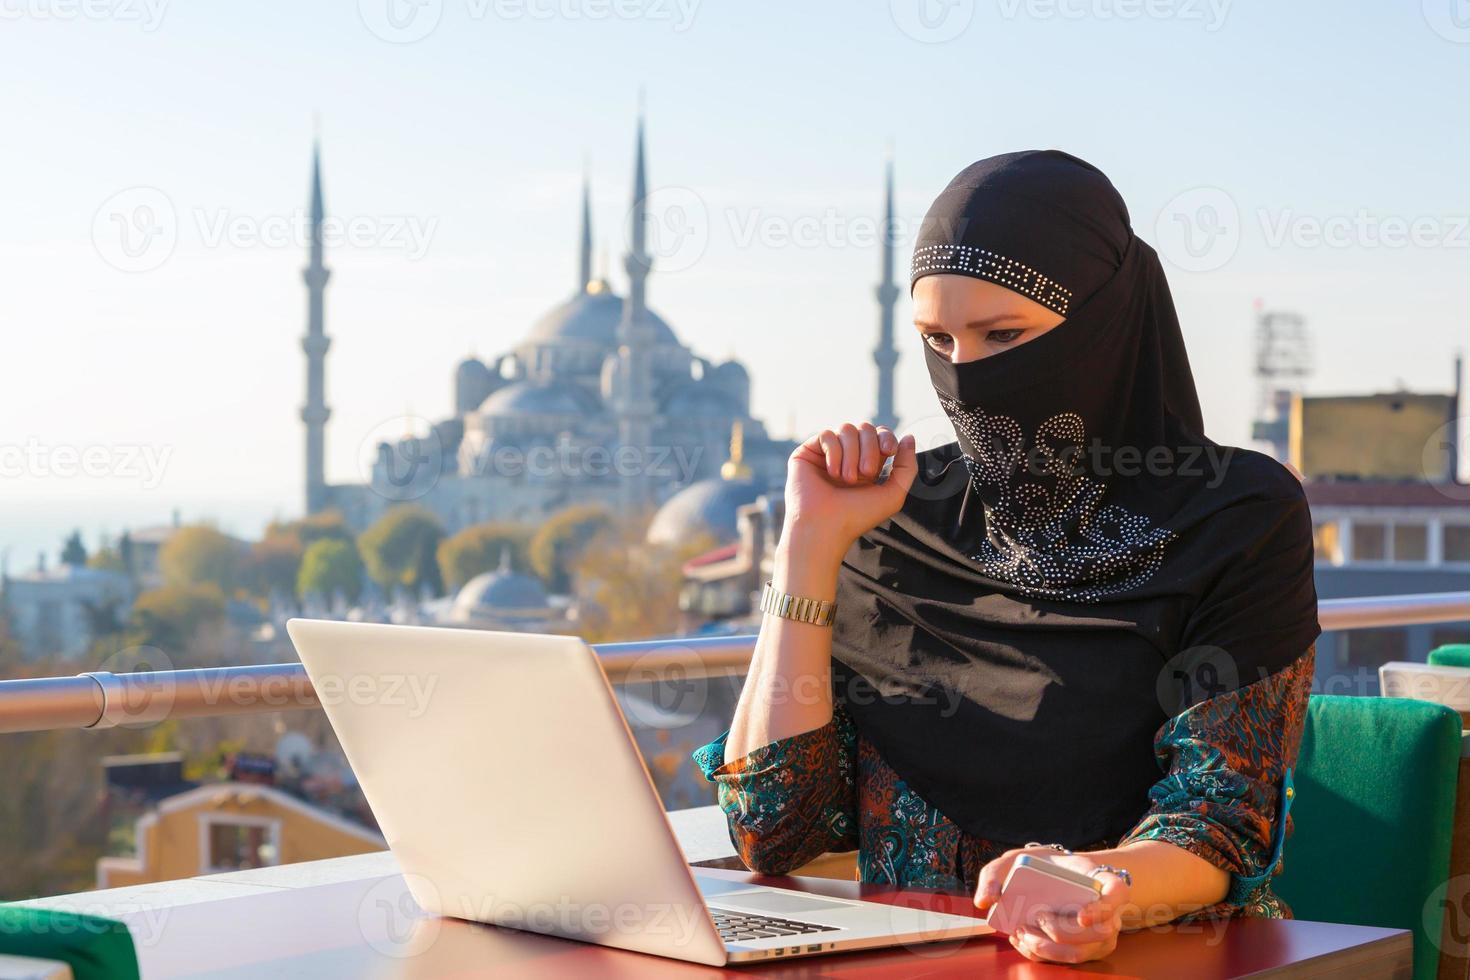 donna musulmana tradizionalmente vestita, lavorando sul computer foto